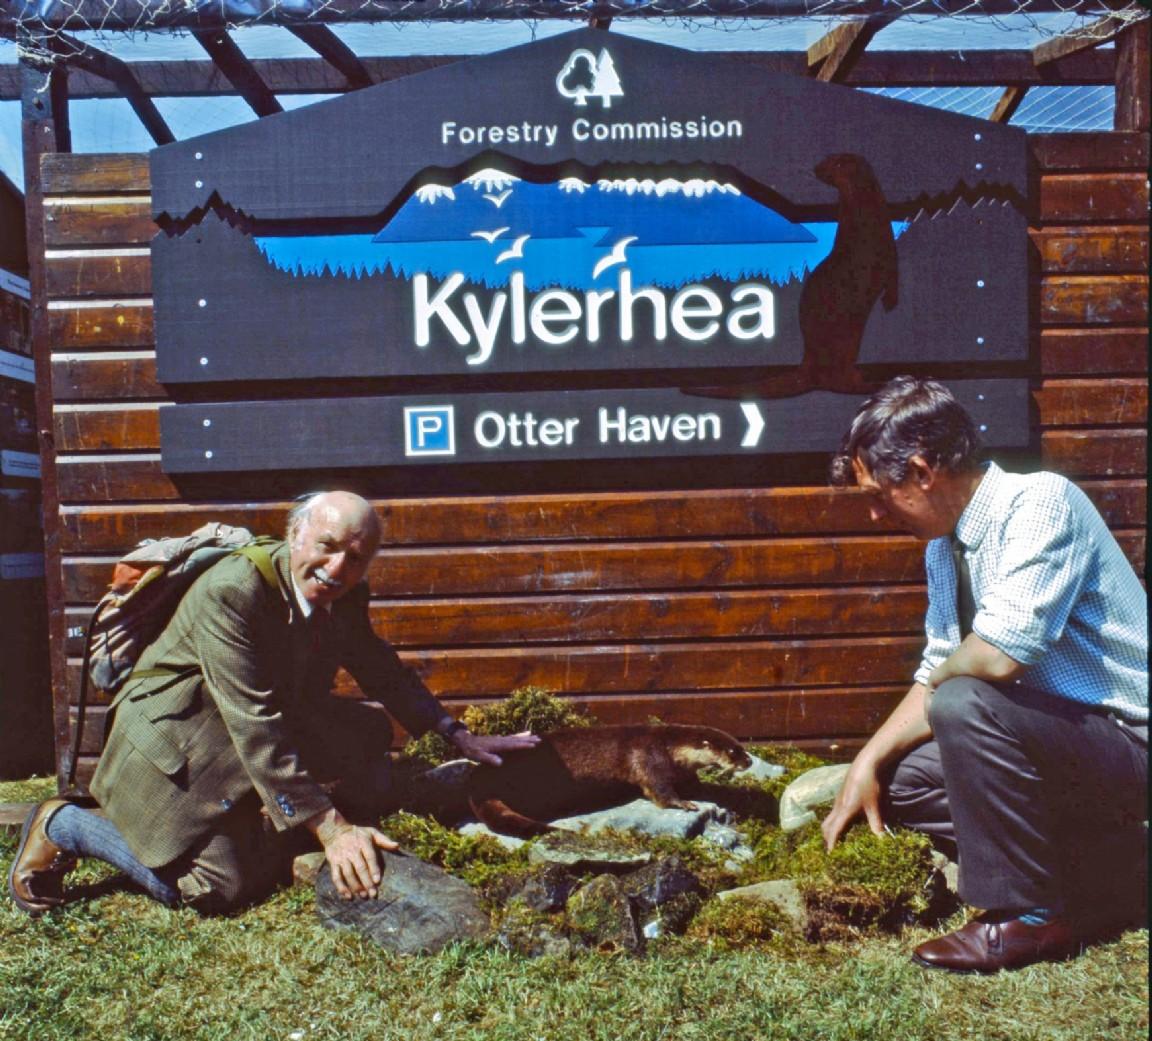 Naturalist Tom Weir visits Kylerhea otter hide, 1985